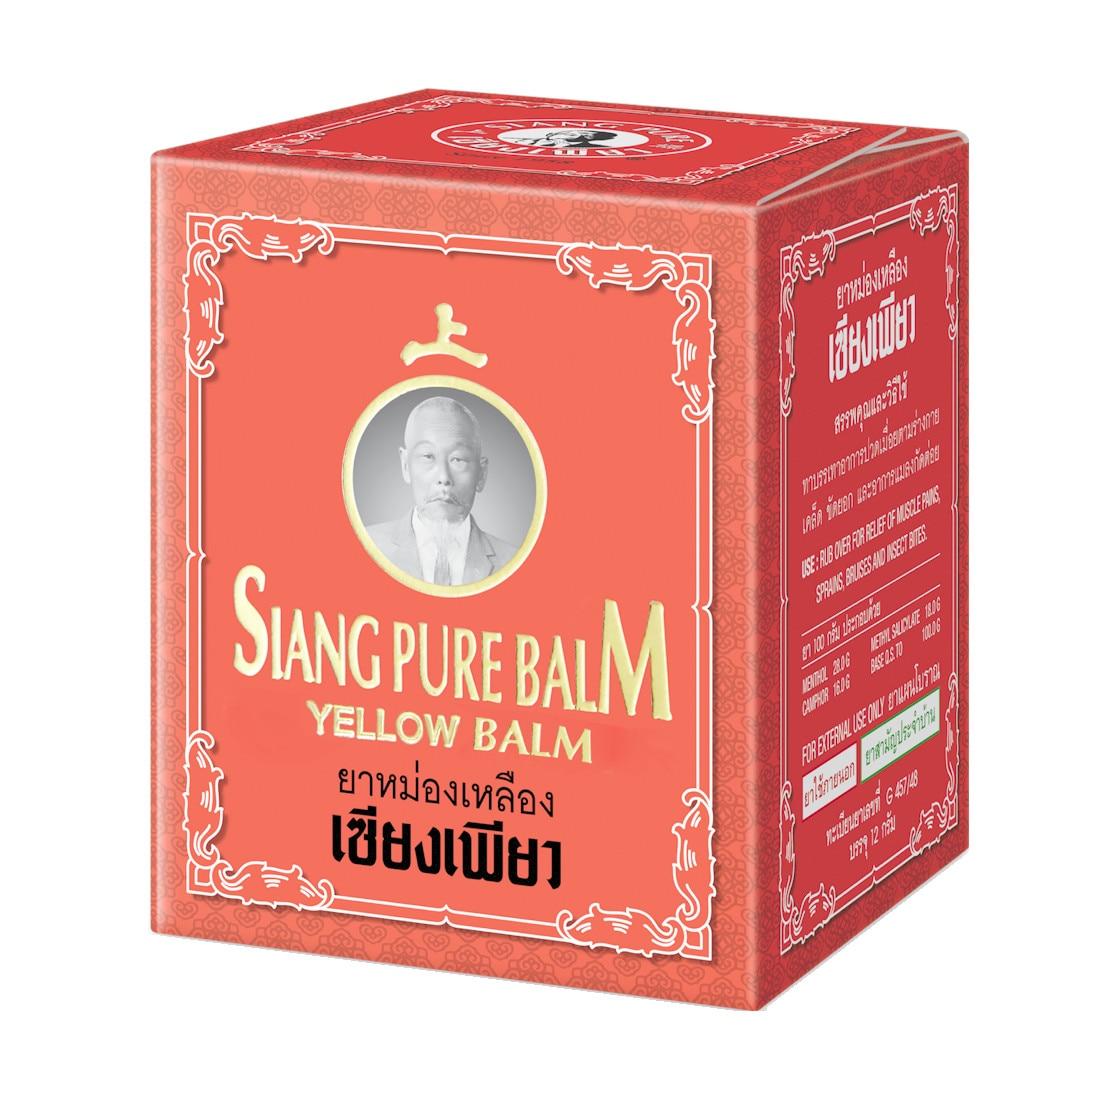 Balsam din Thailanda pentru dureri articulare cum să amelioreze durerea de sold forum